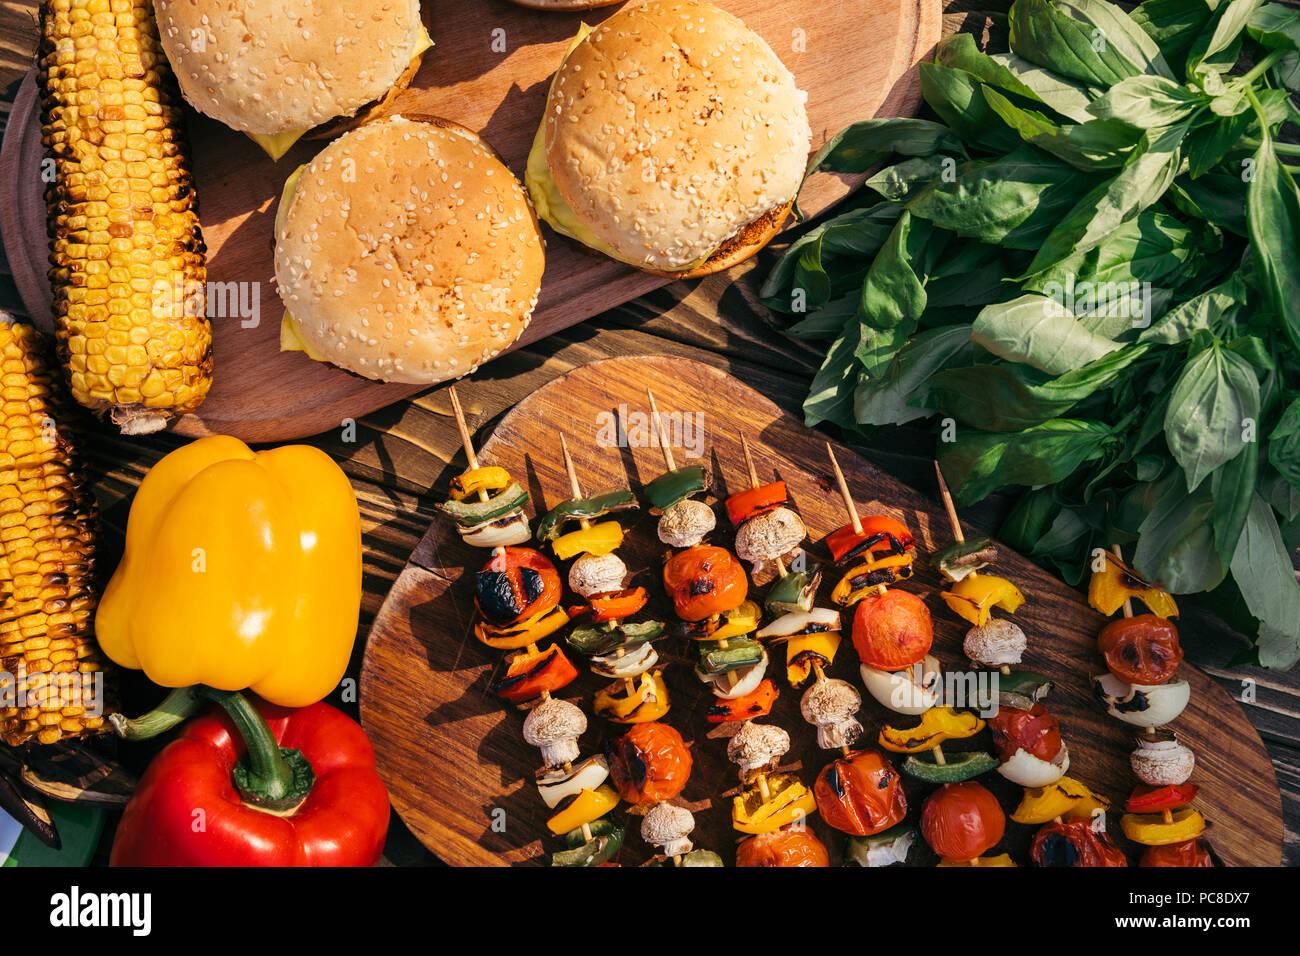 Su vegetali spiedini e hamburger grigliati per barbecue all'aperto Immagini Stock